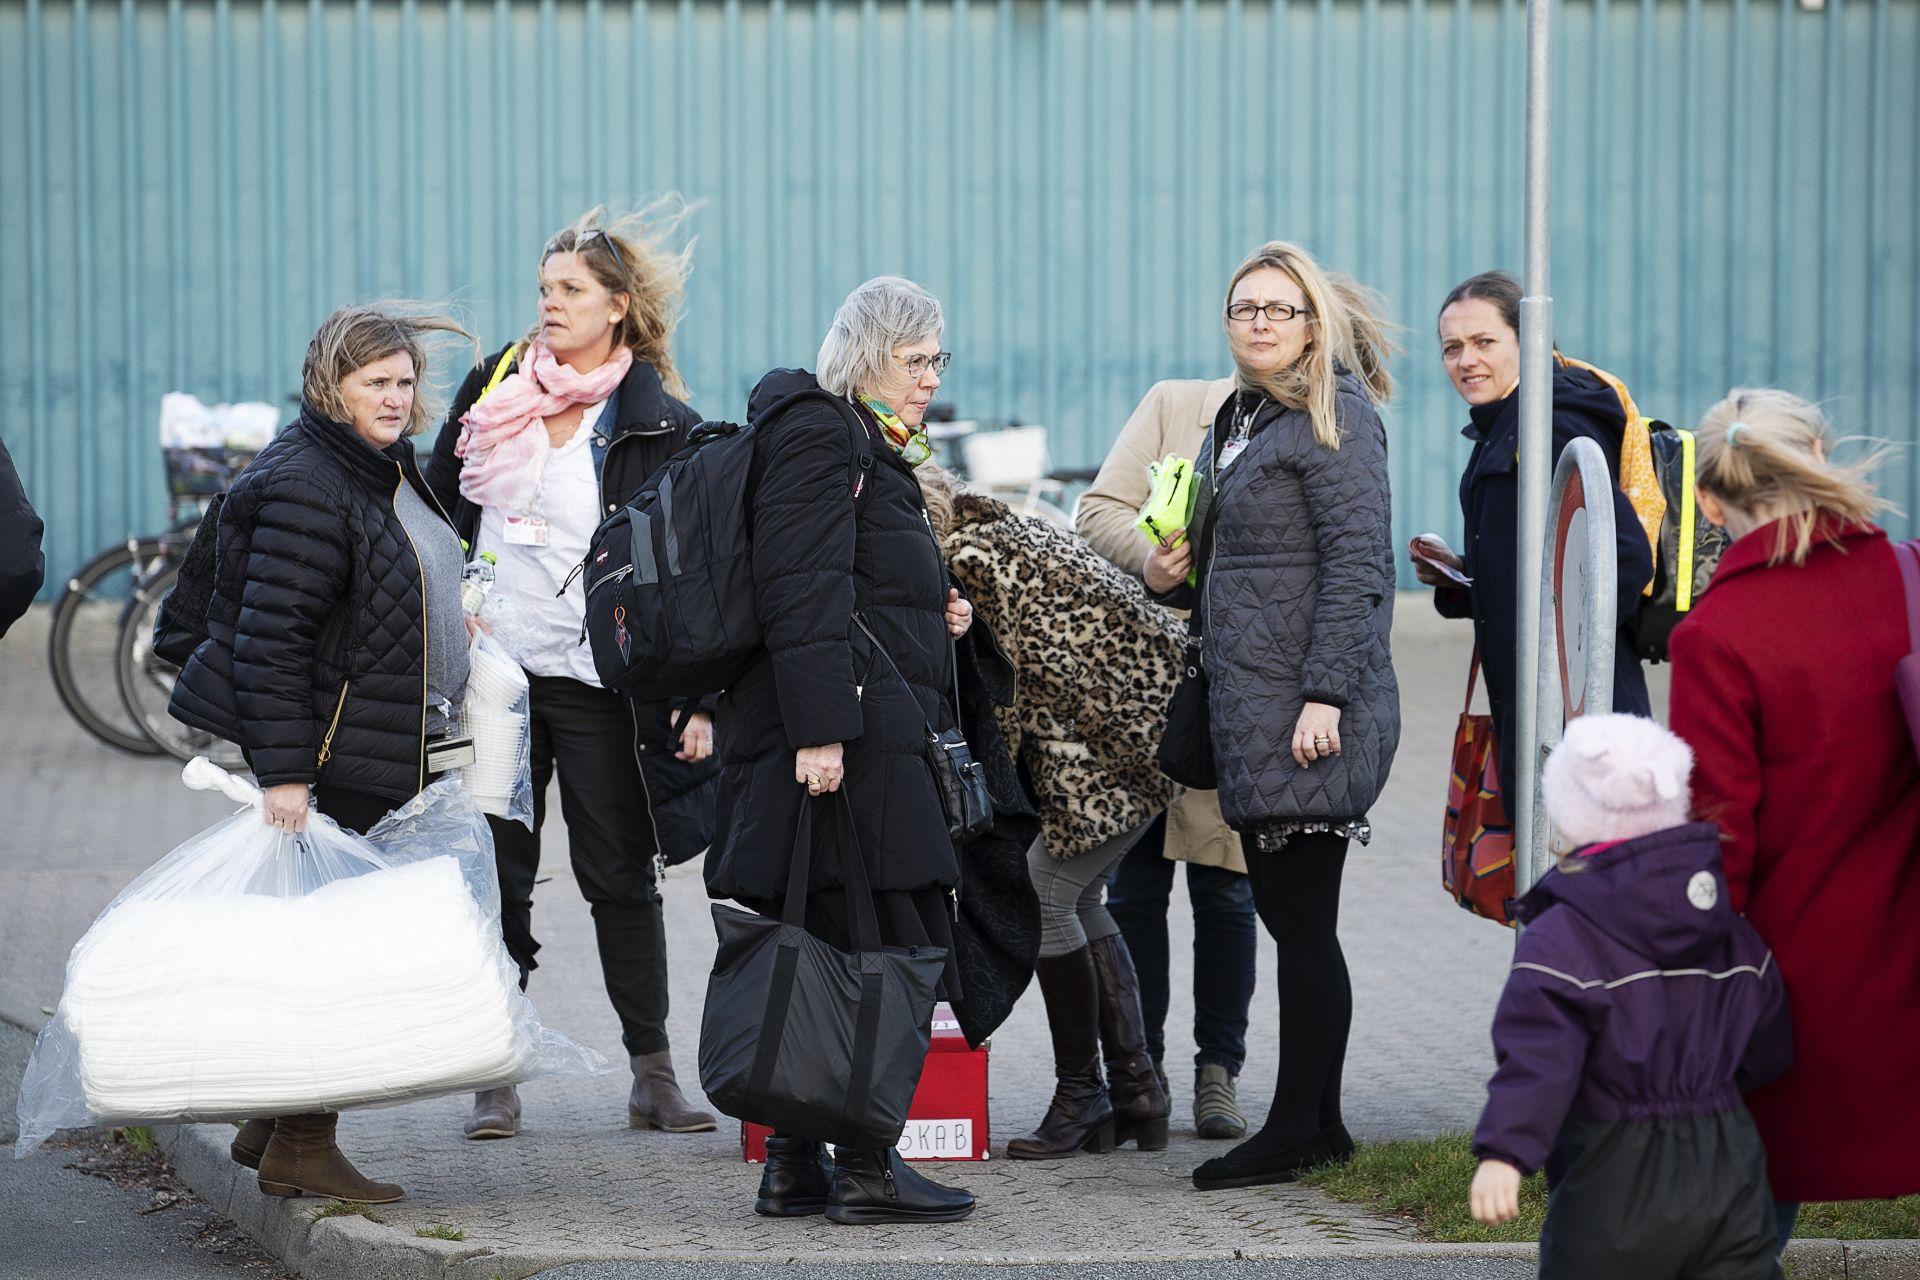 Пътници от катастрофиралия влак пристигат във временния  кризисен център в град Нюборг